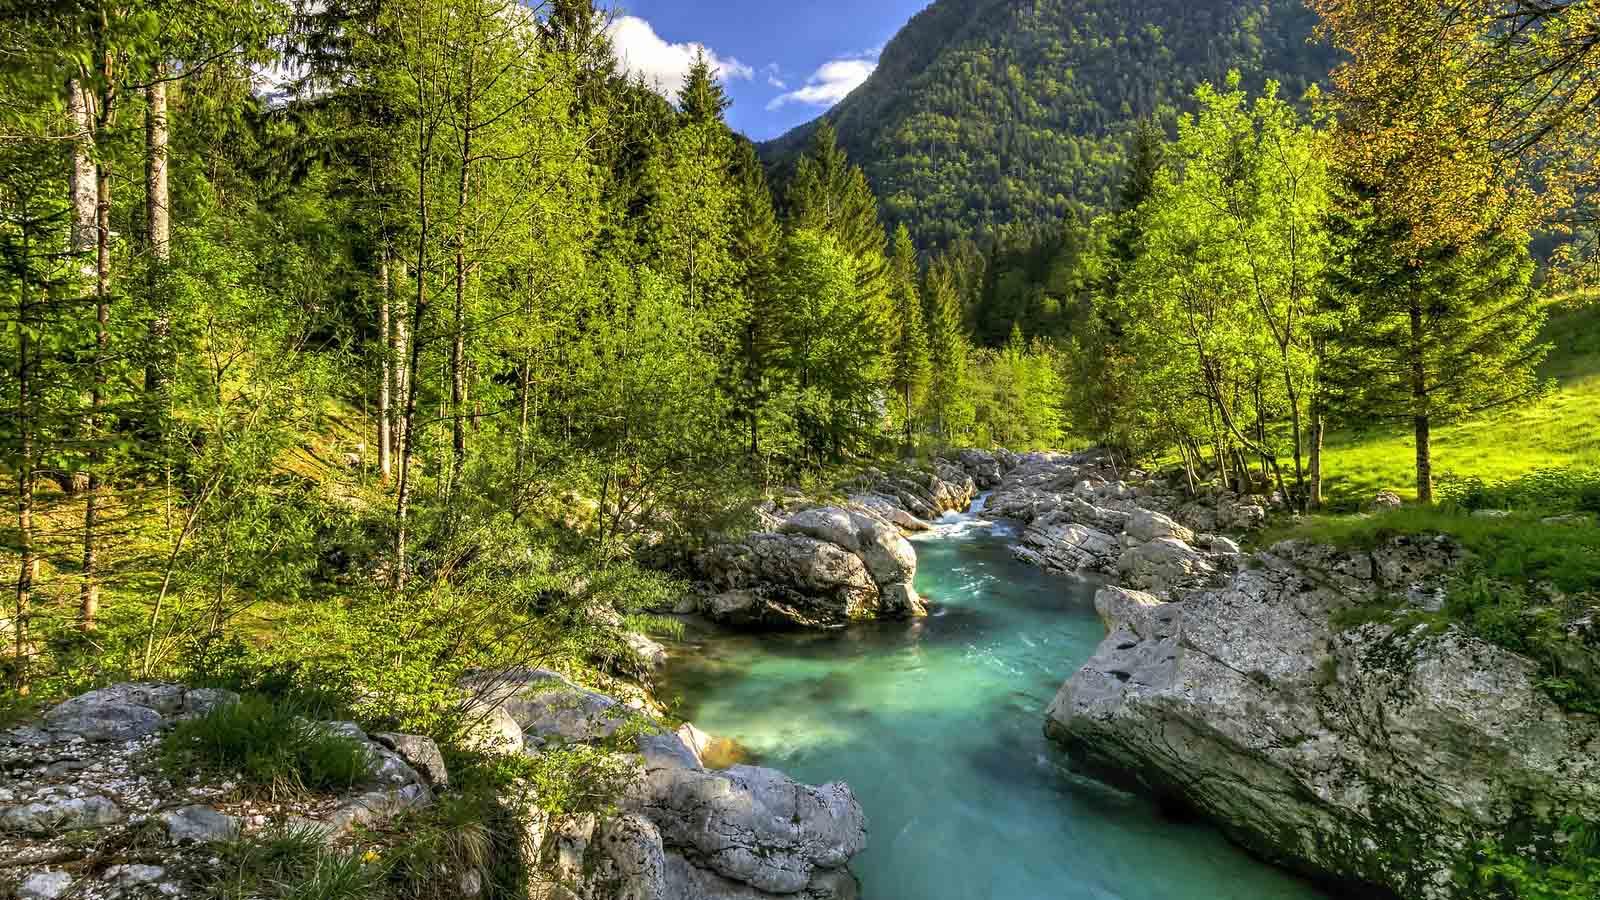 The Valley Of The Emerald River And Kranjska Gora Visit Ljubljana